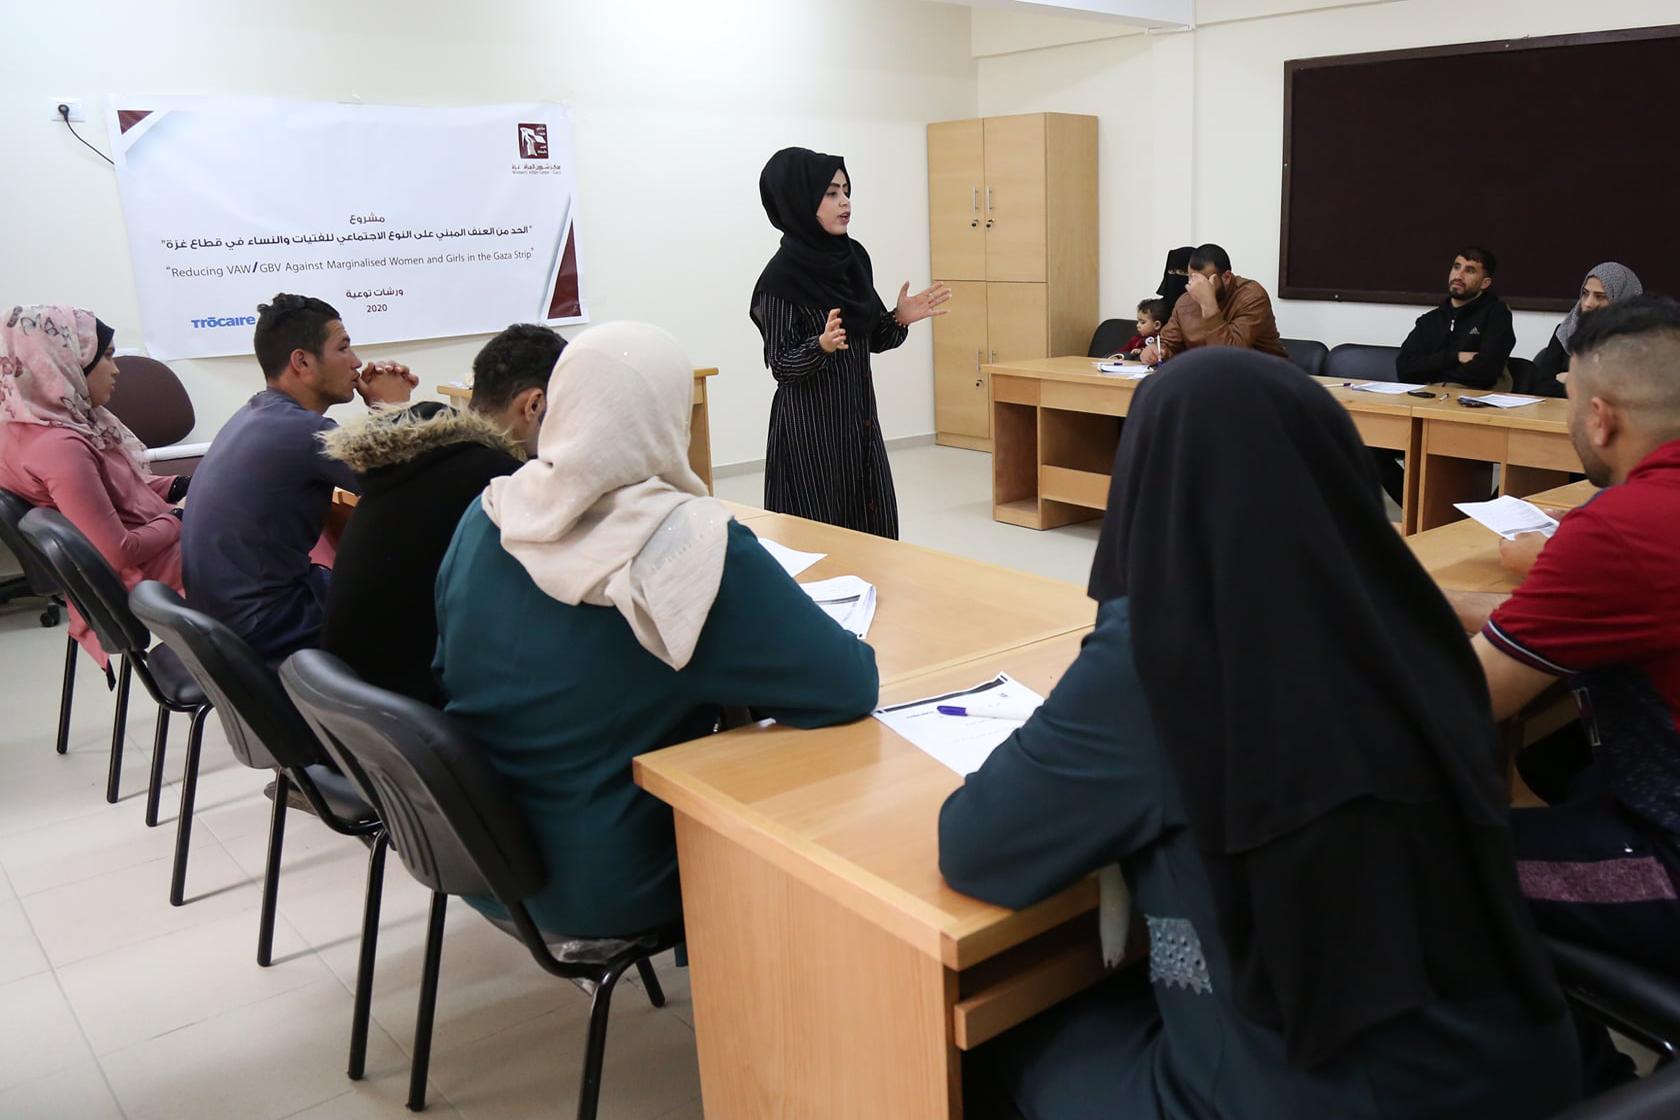 الحد من العنف ضد المرأة العنف المبني على النوع الاجتماعي ضد النساء والفتيات في قطاع غزة.